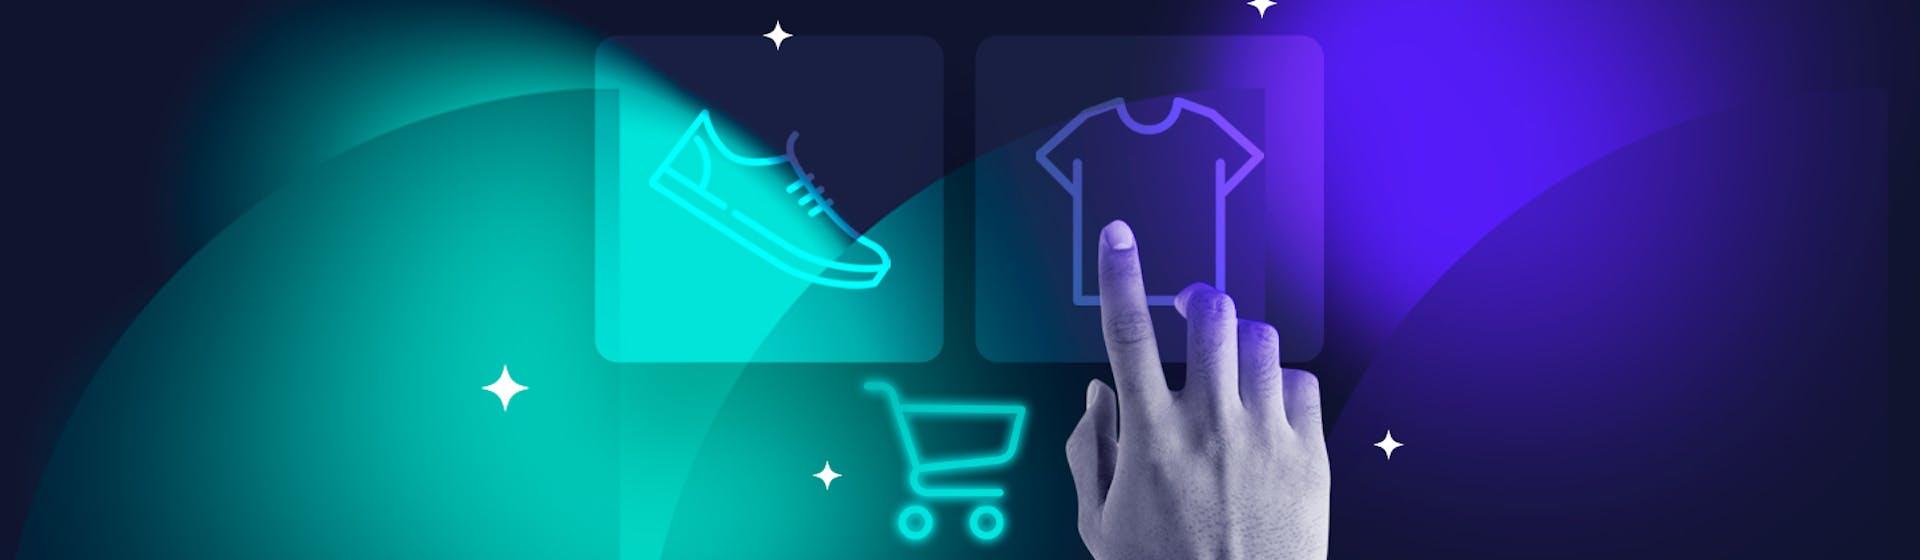 El mall del futuro: Tendencias en centros comerciales